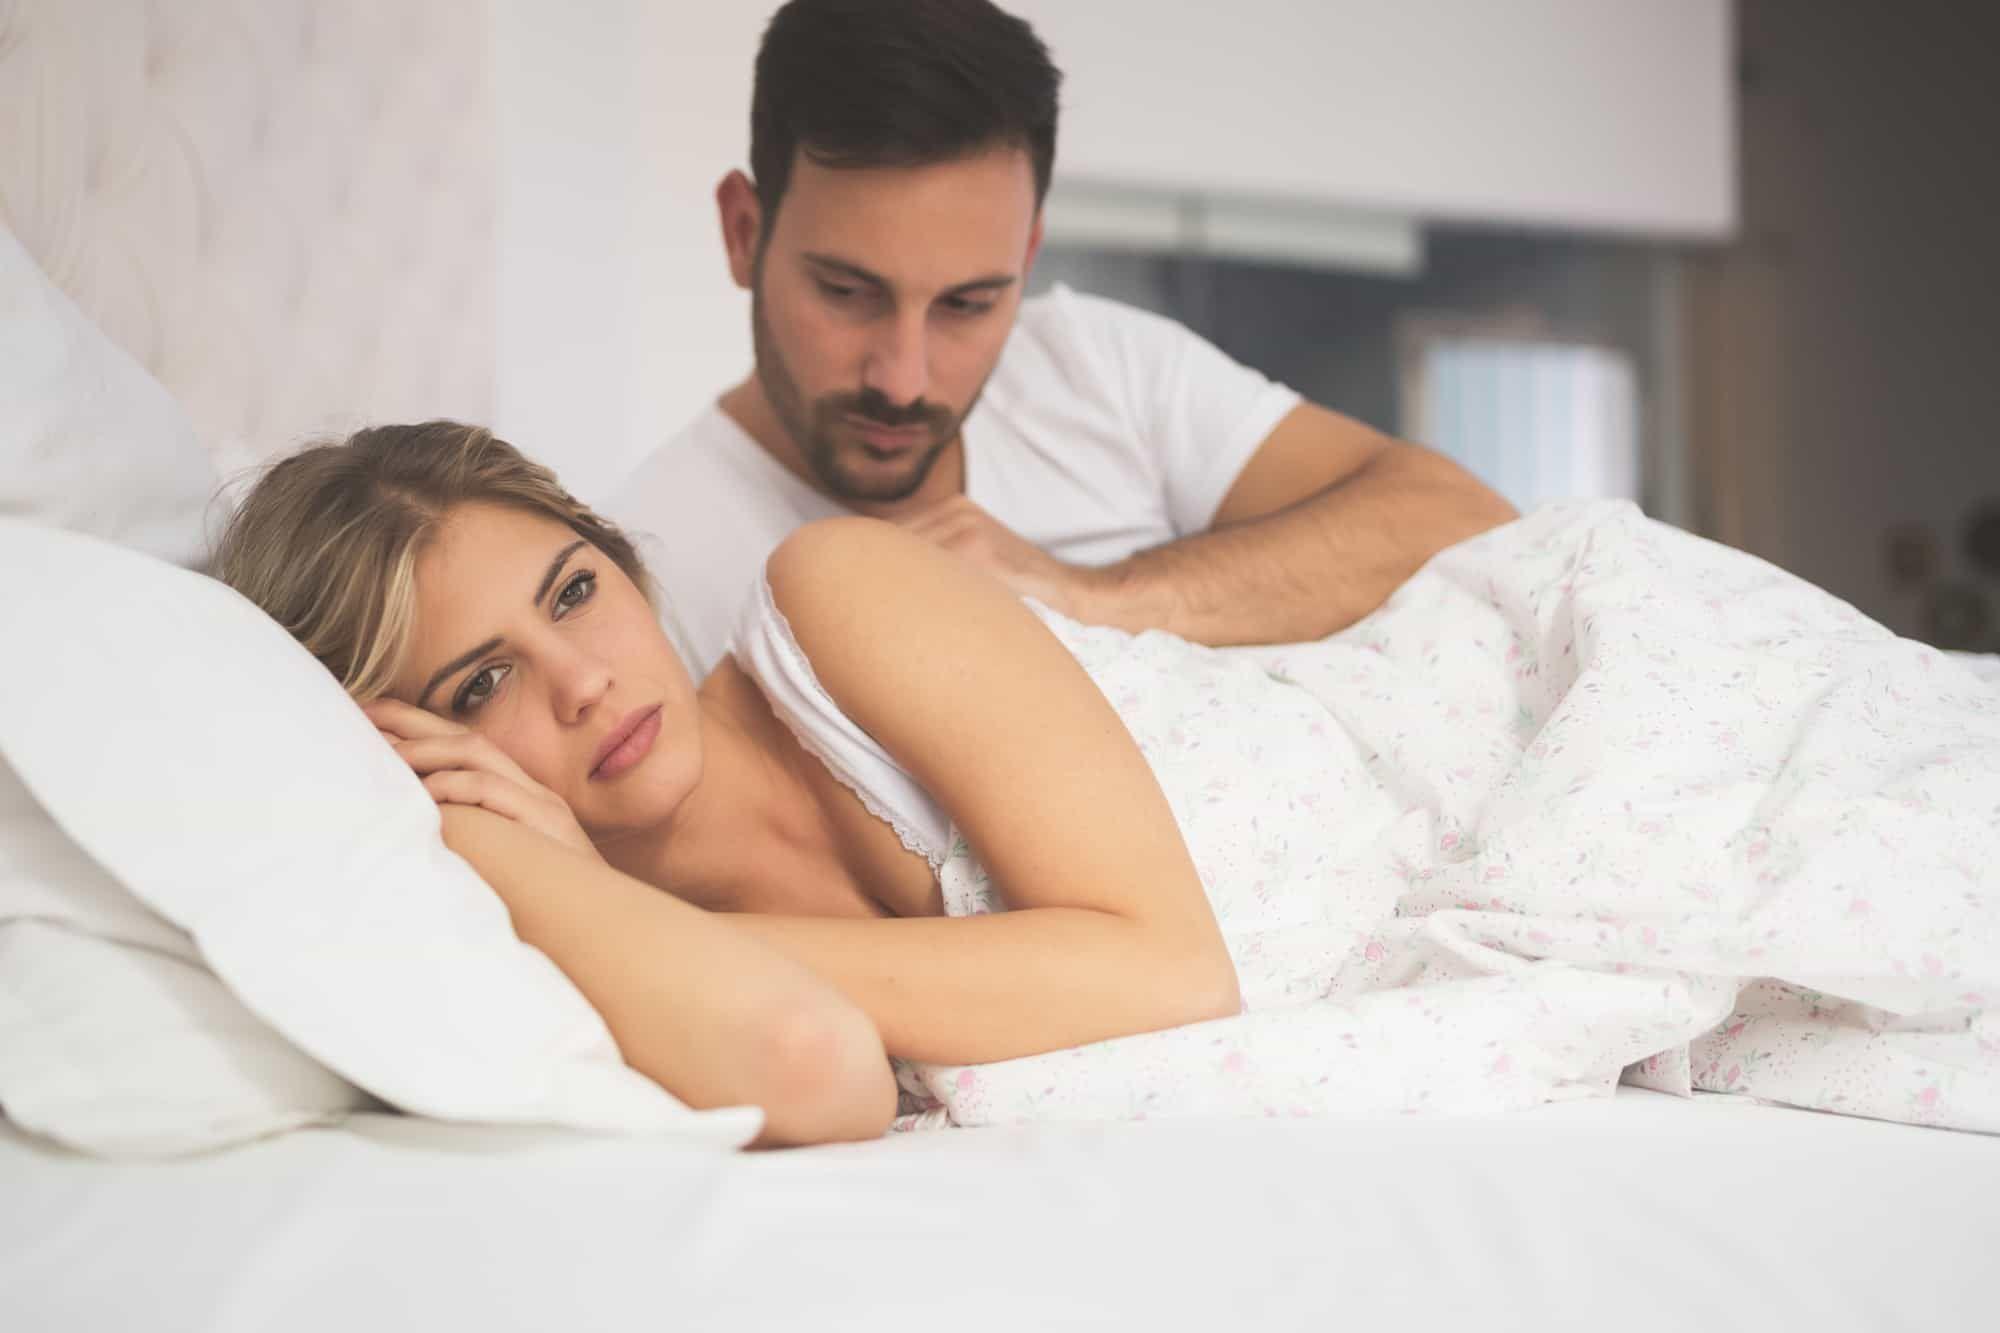 Ini Saran Zodiak untuk Meningkatkan Kualitas Seks dengan Pasangan